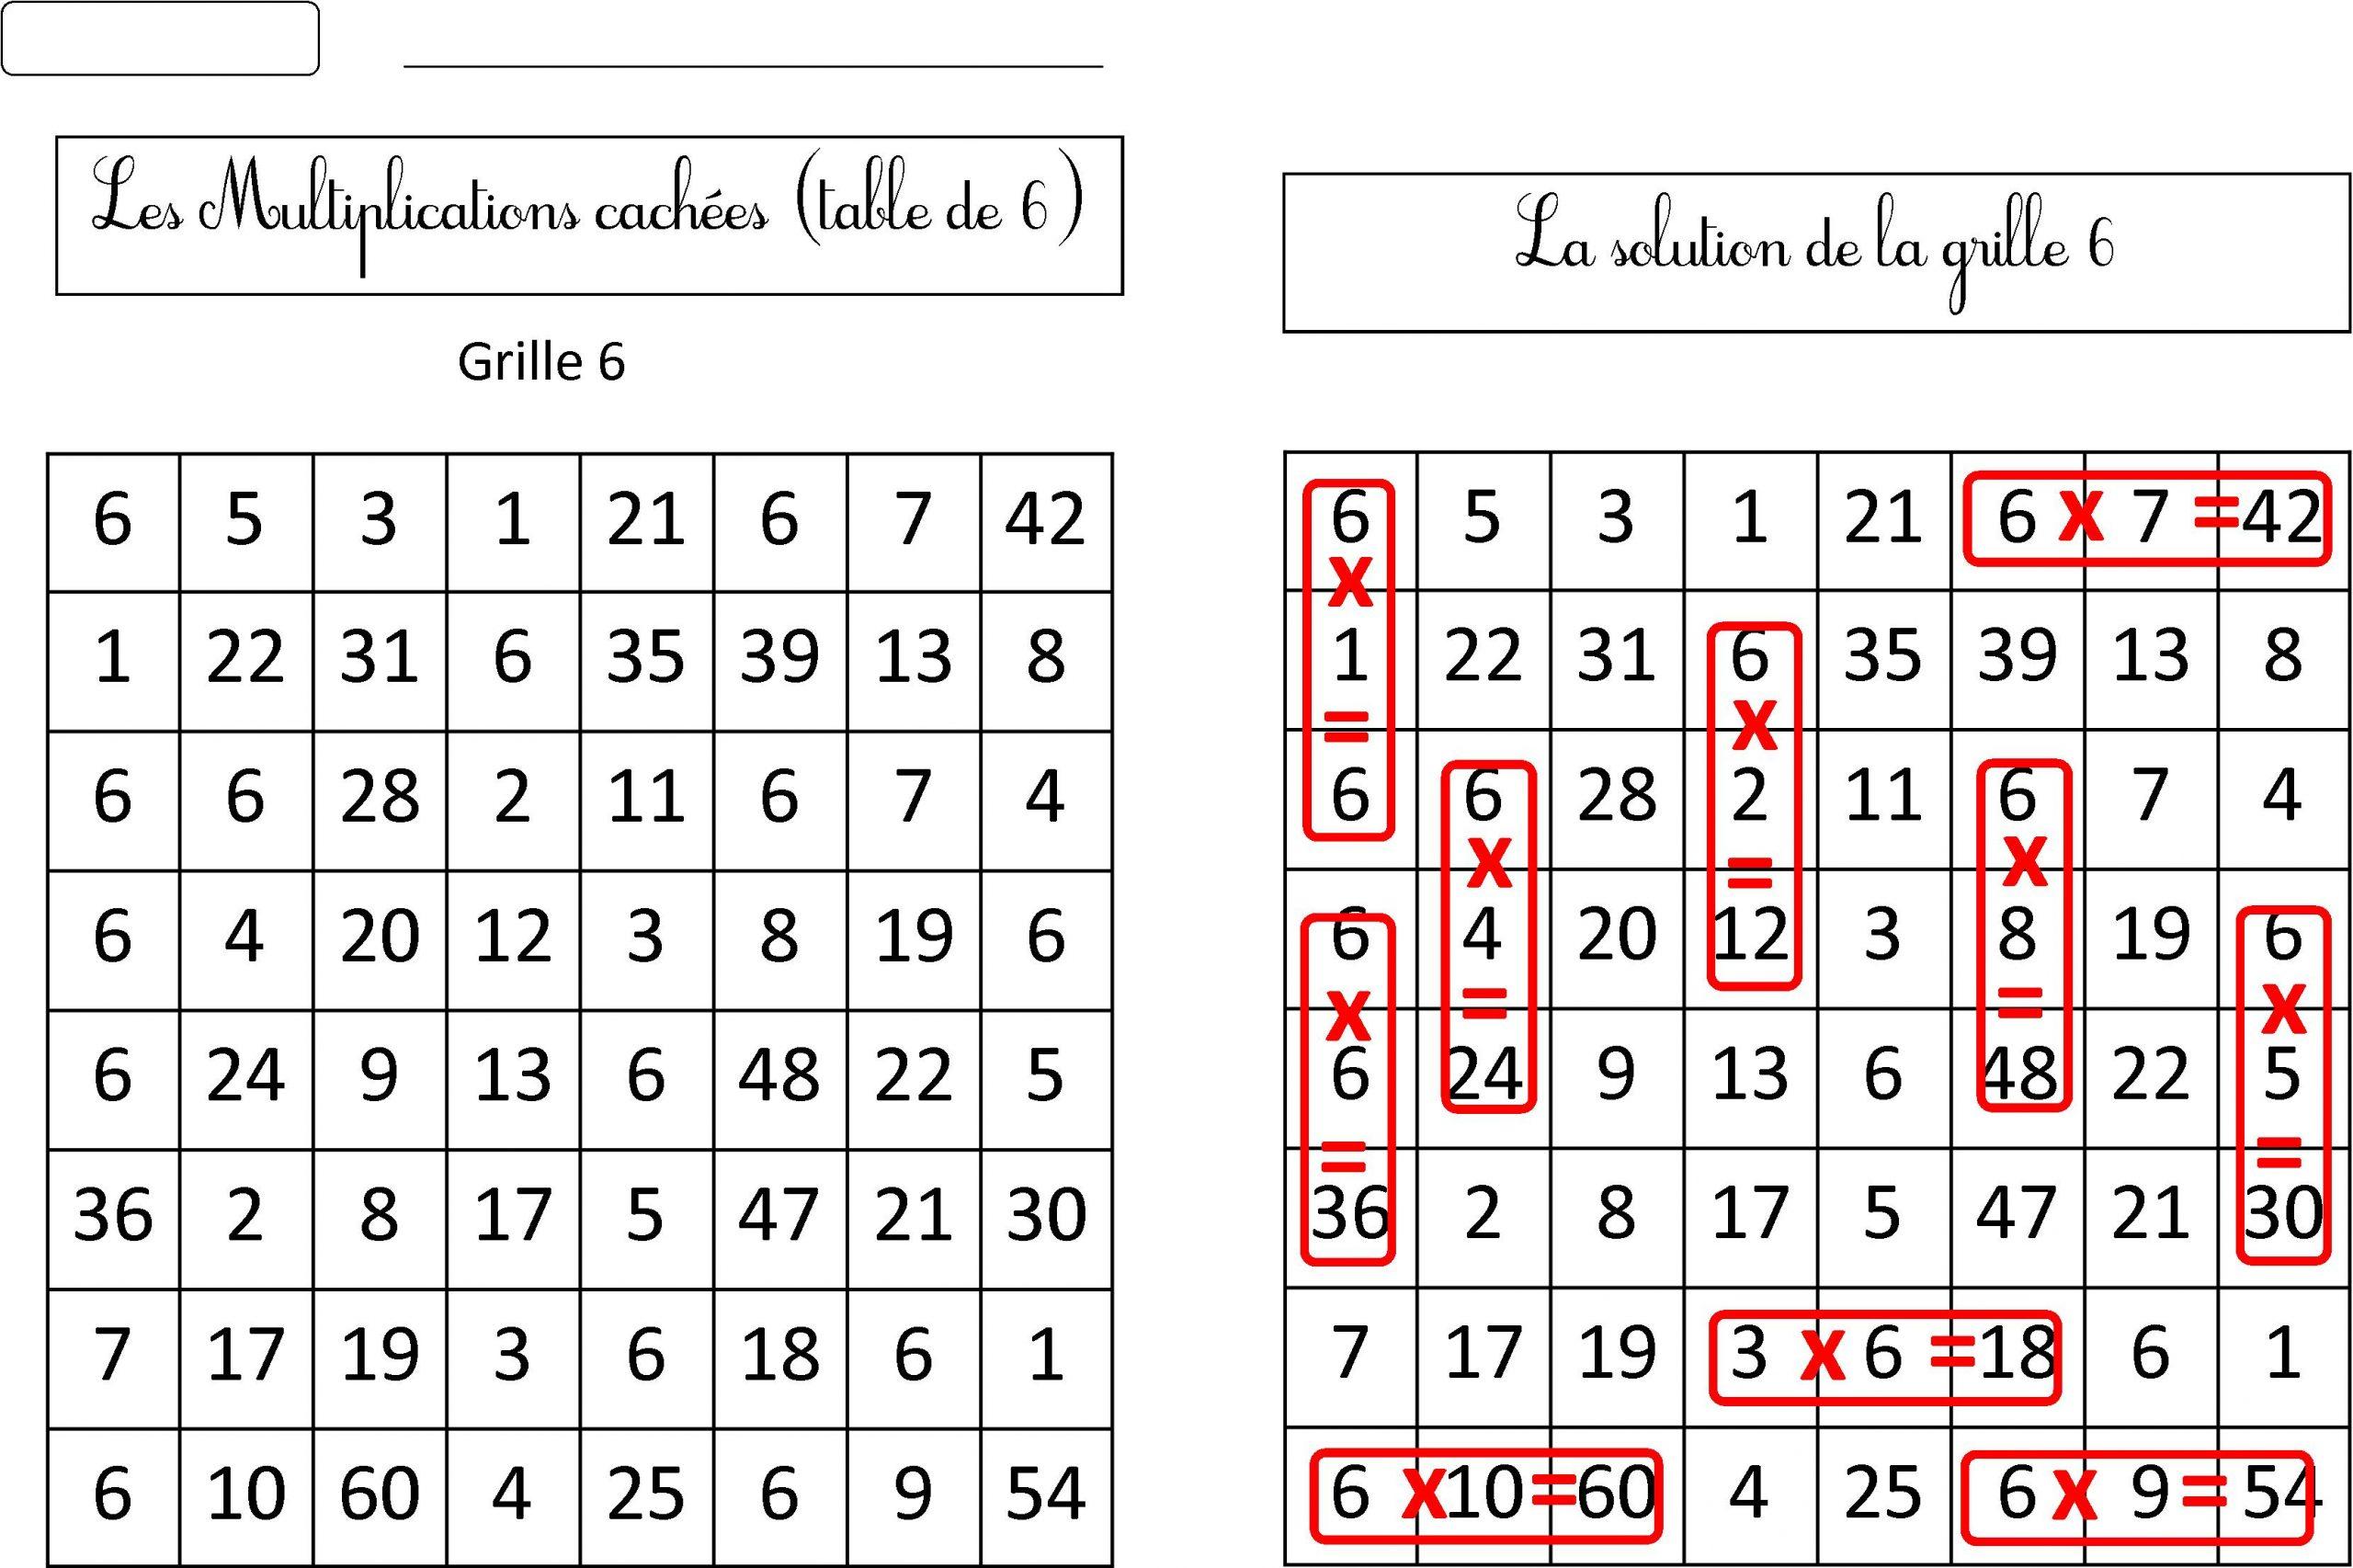 Travail Autonome | Le Blog De Monsieur Mathieu intérieur Mots Croisés Gratuits À Imprimer Cycle 3